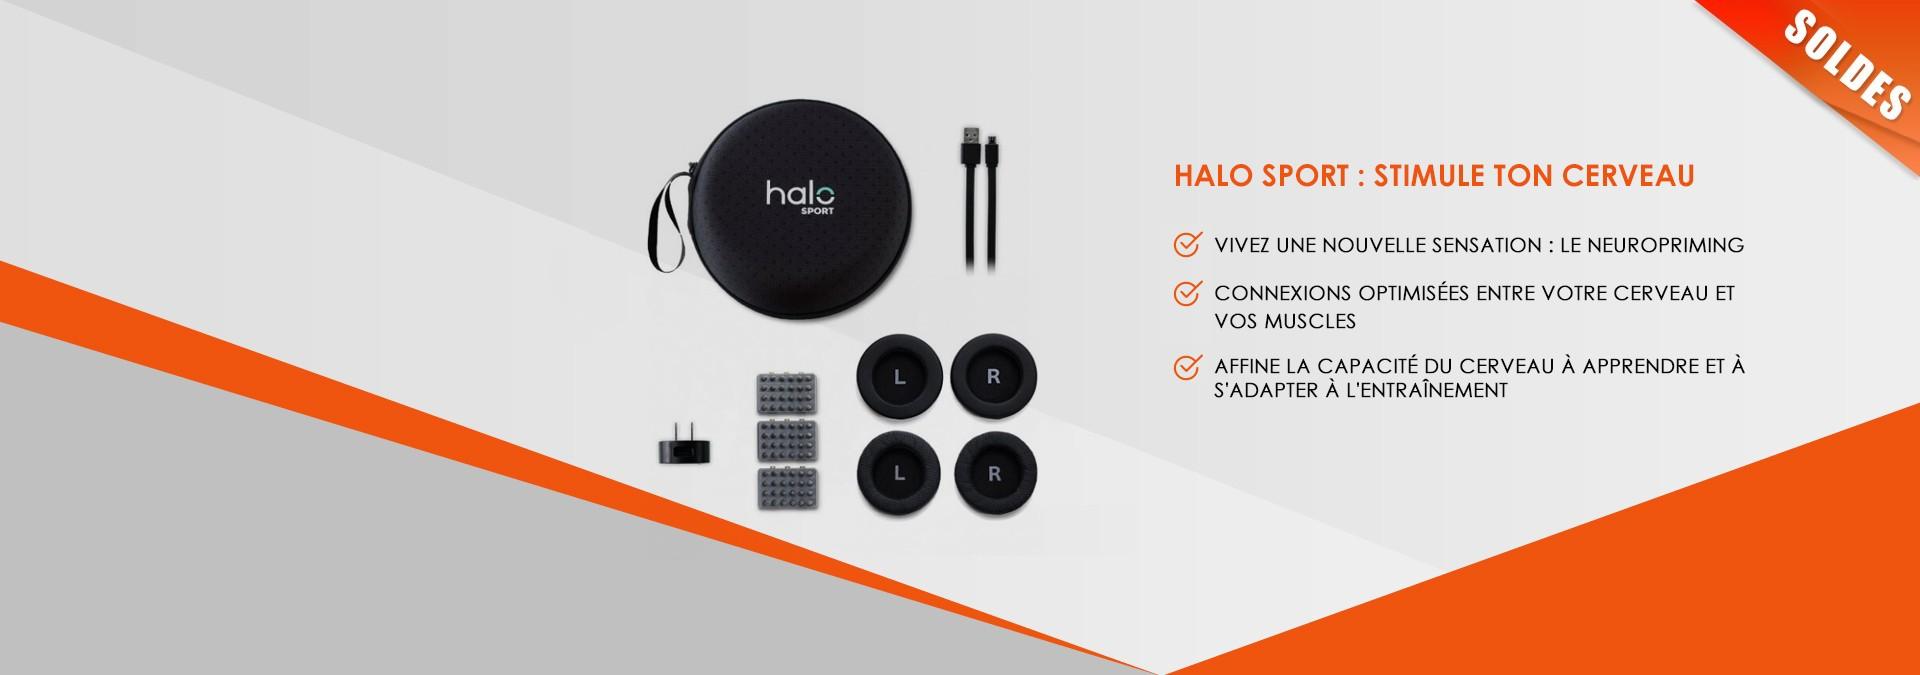 Halo Sport, Stimulez Votre Cerveau